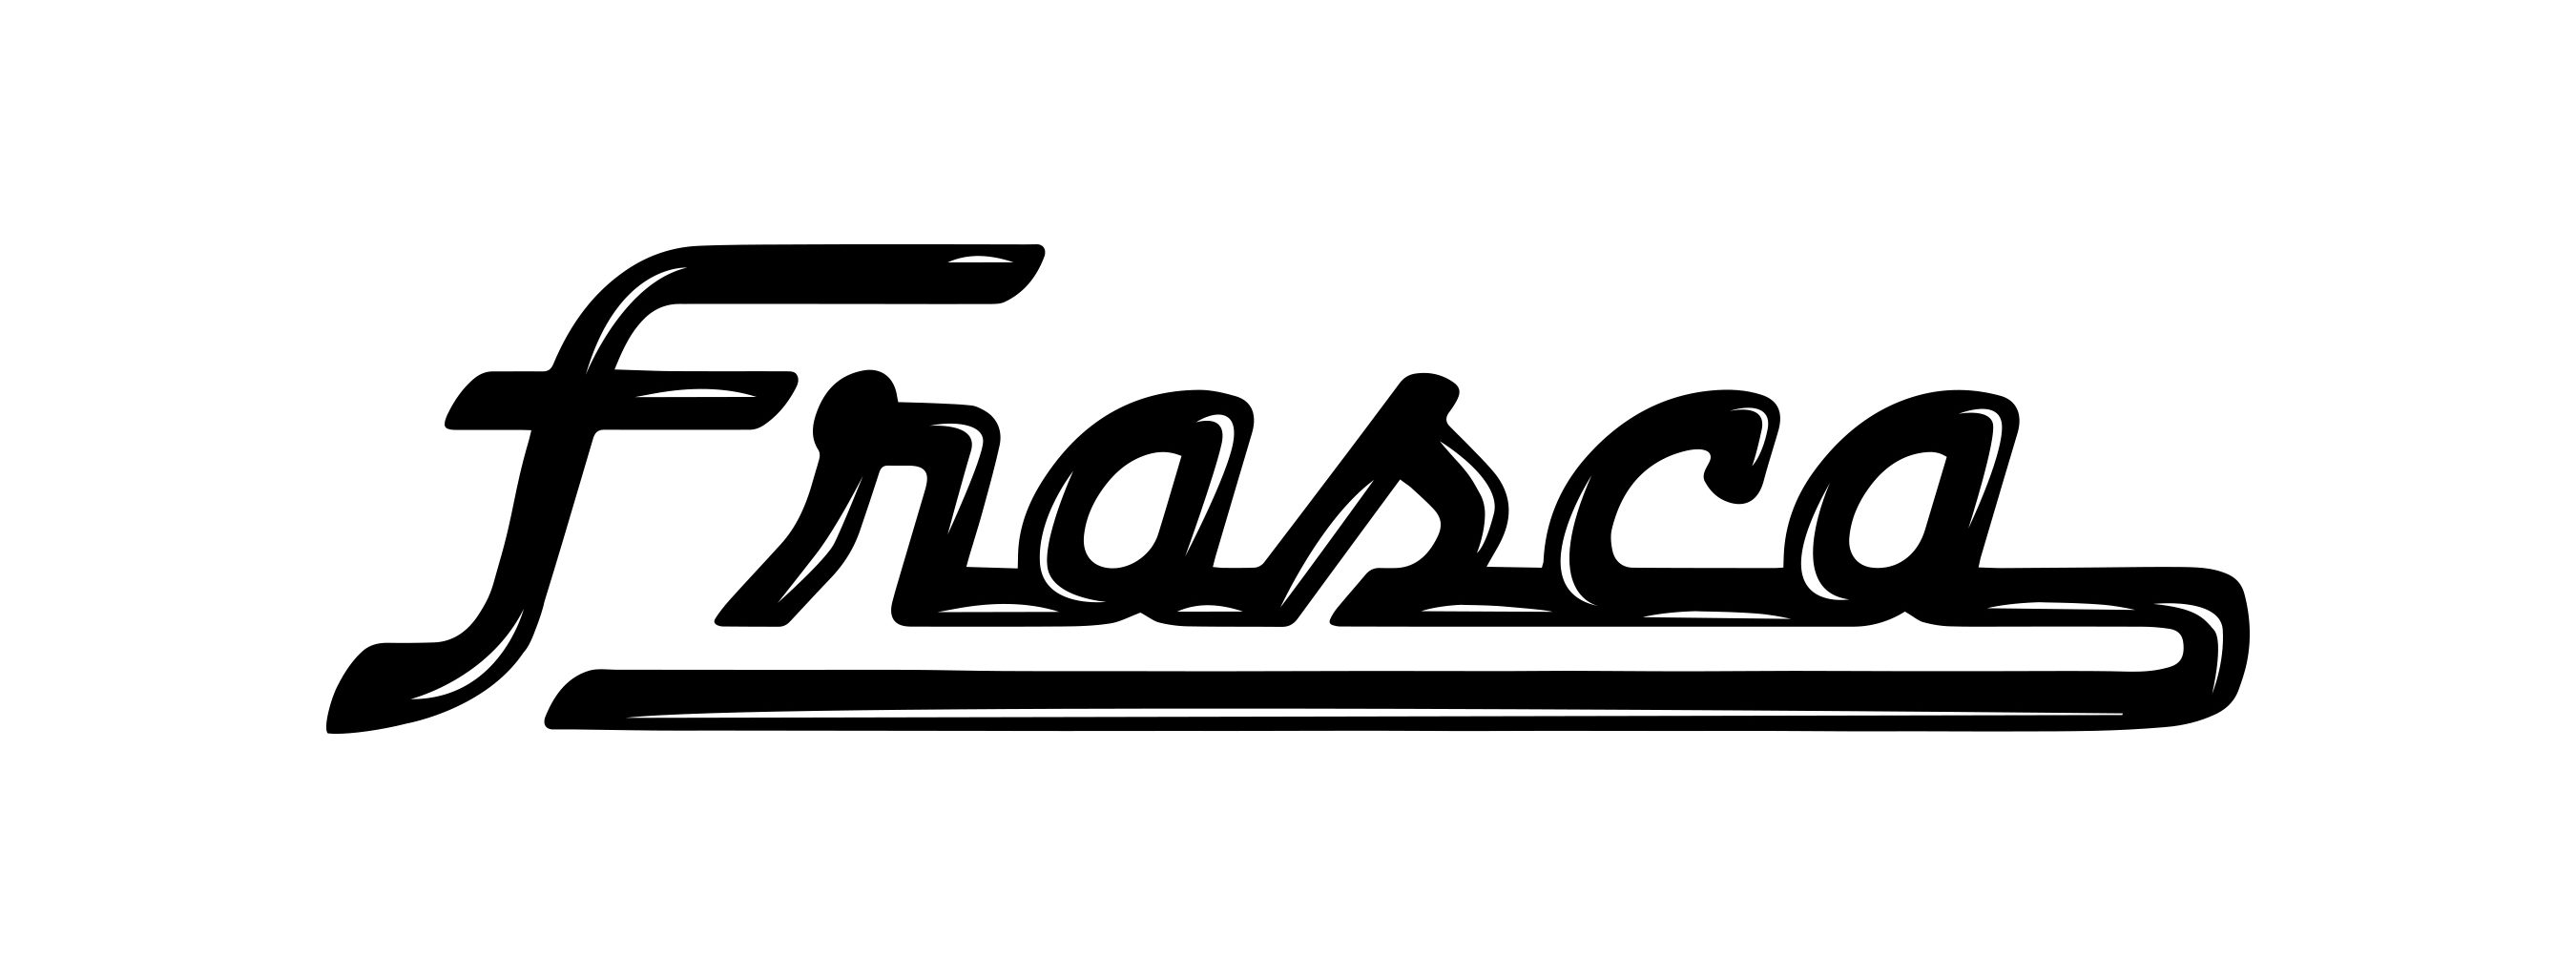 Frasca Digital - Digital Marketing Done Differently